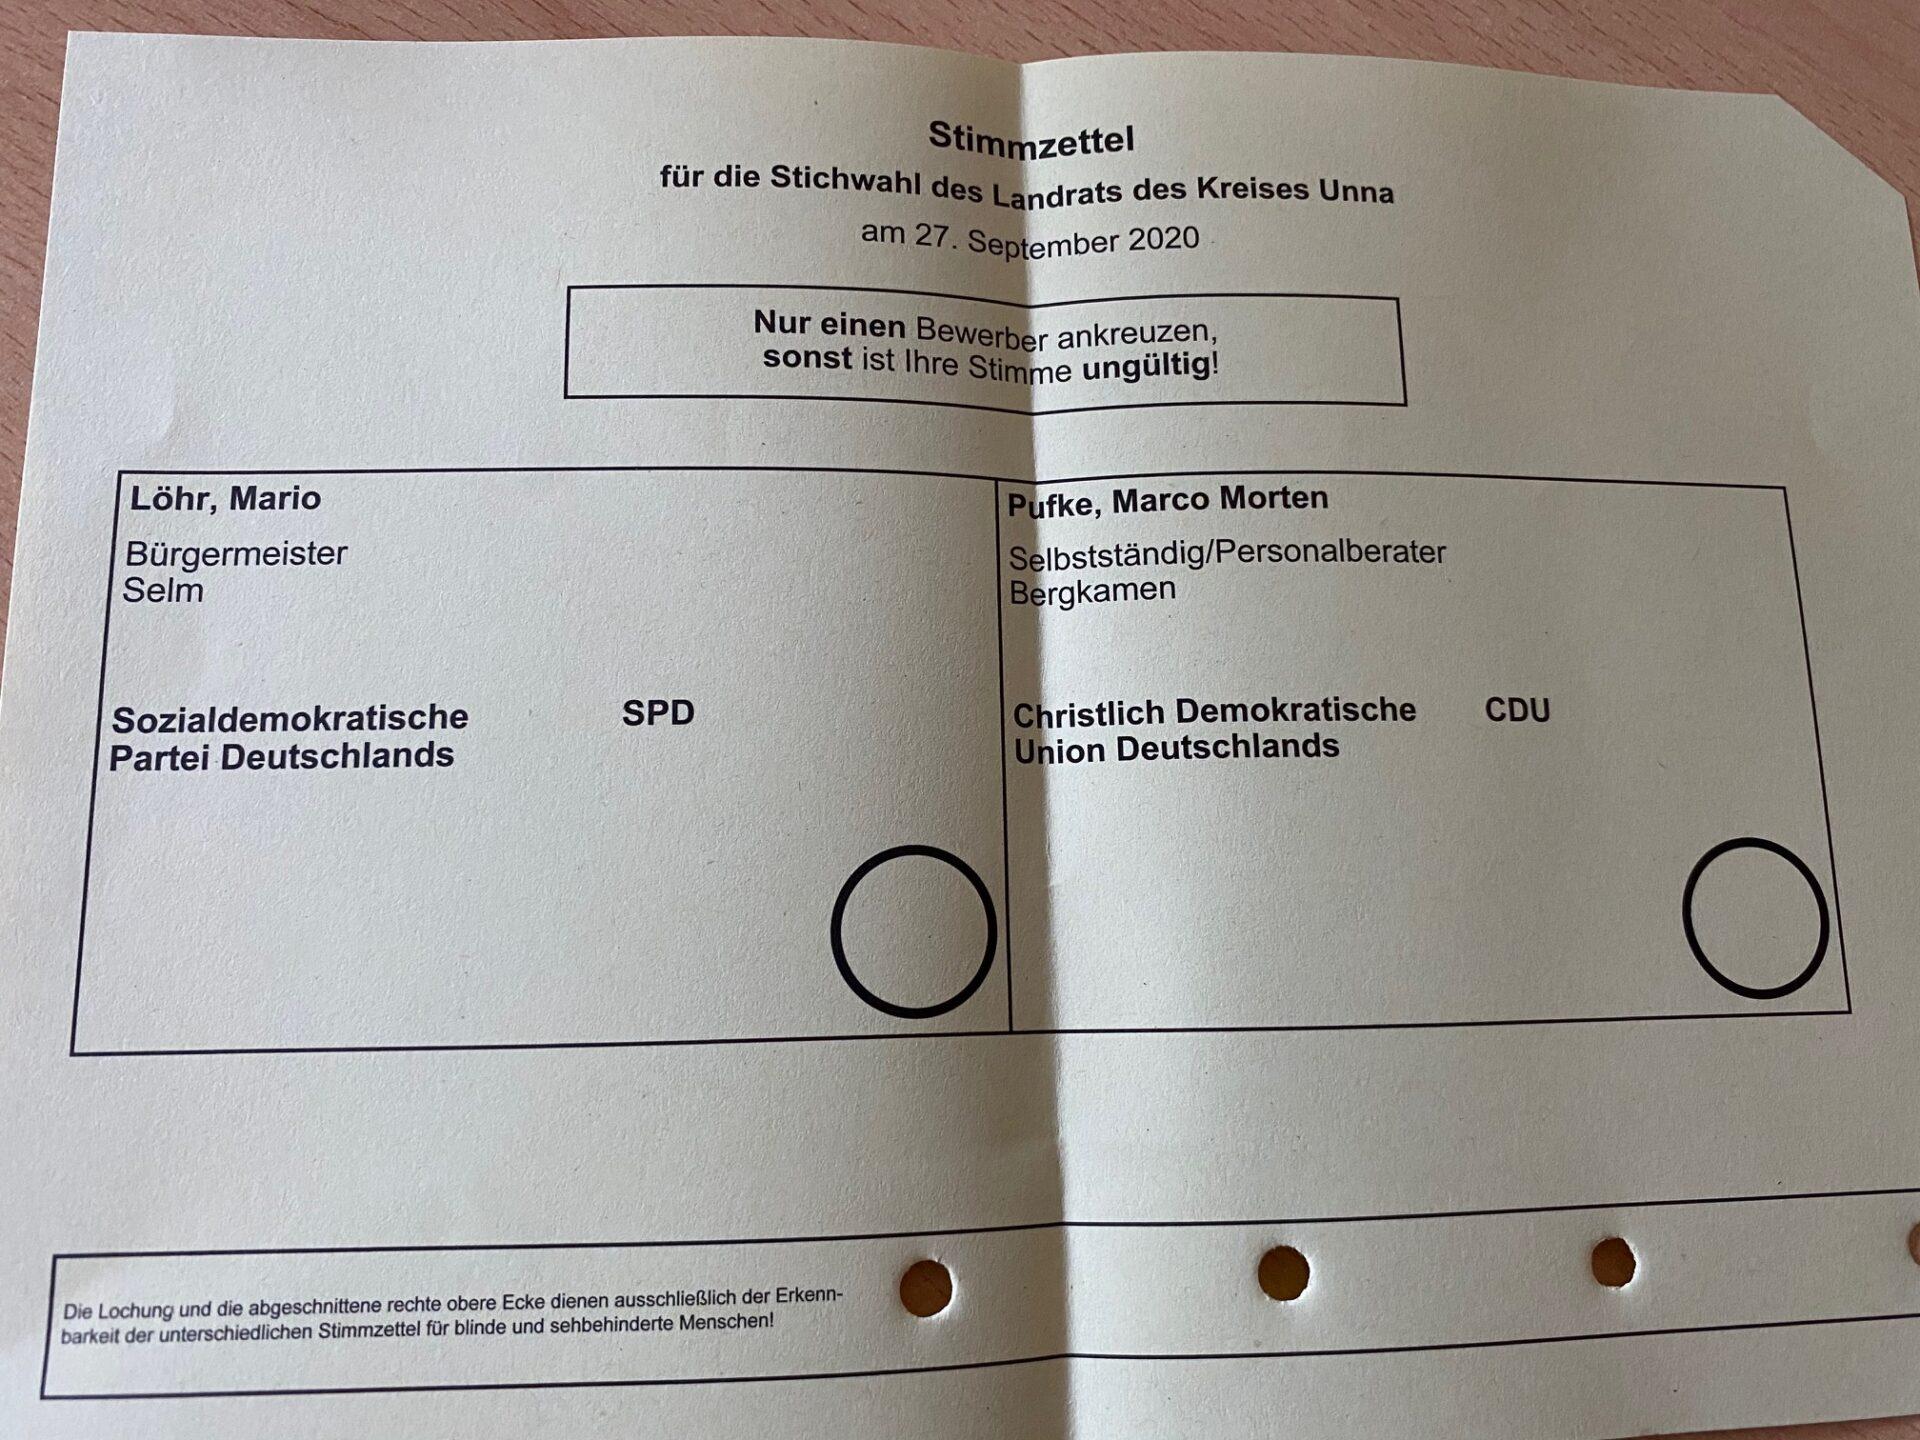 Stichwahl zum Landrat: Briefwahl möglich